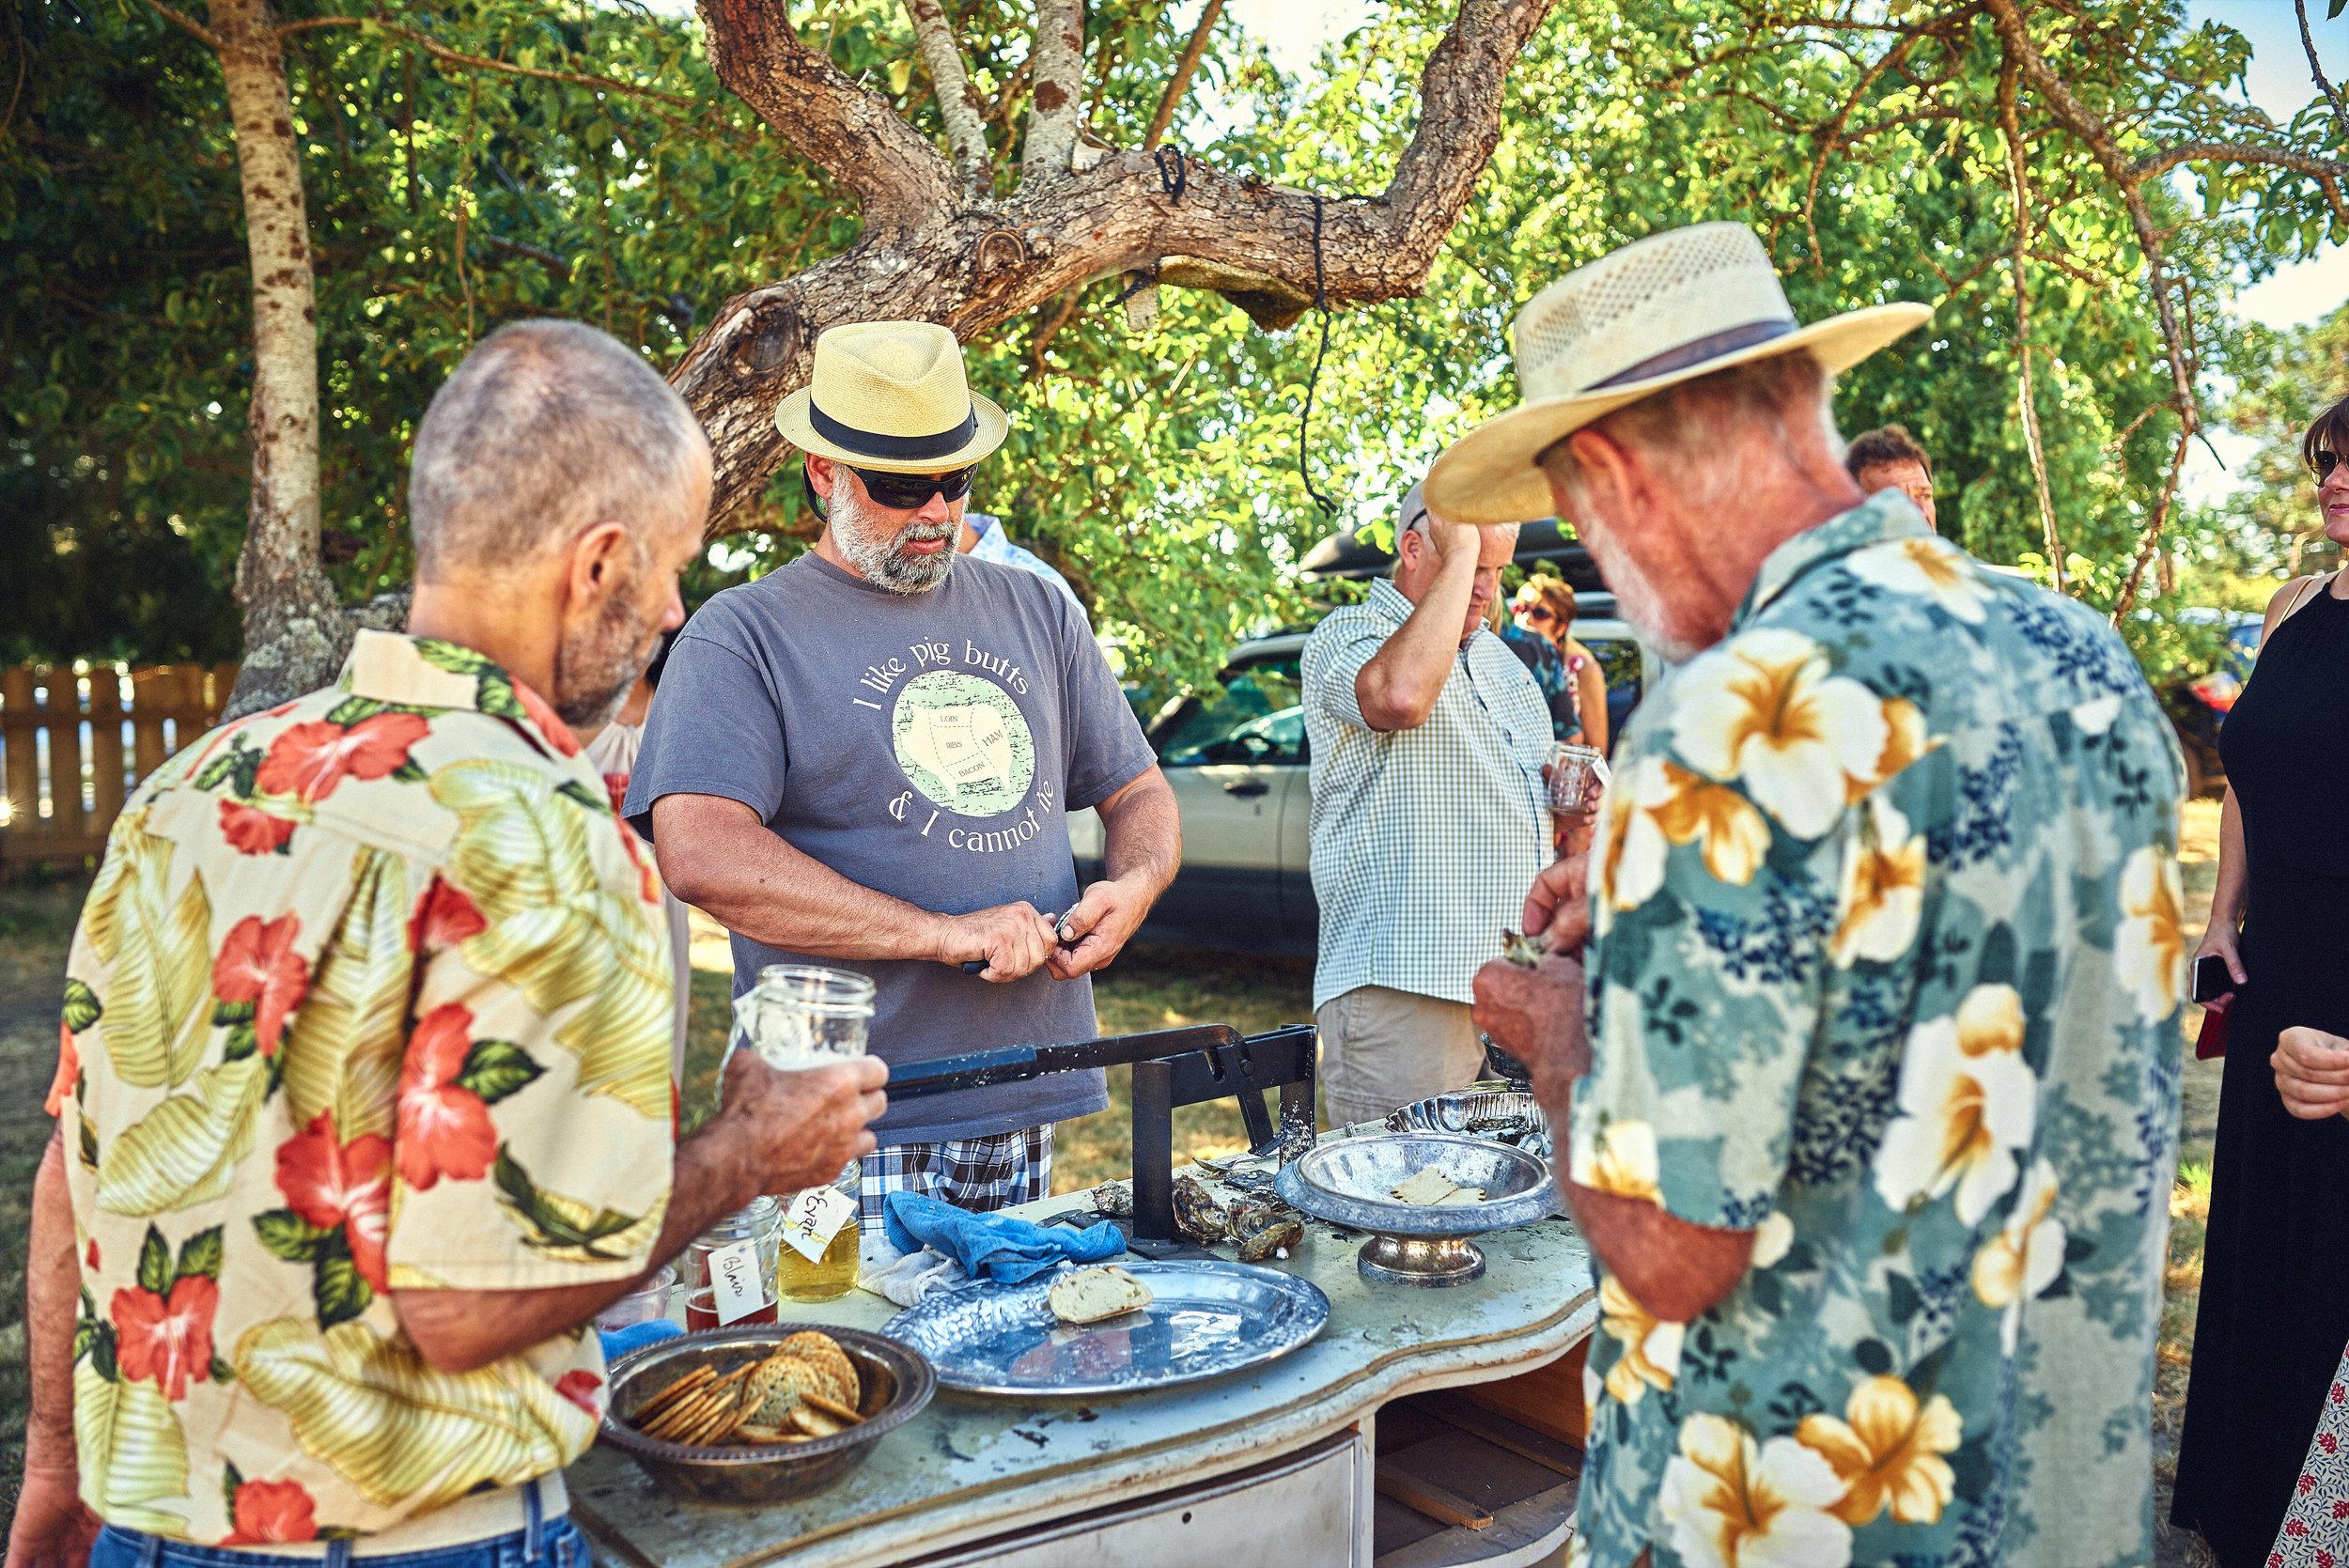 outdoor oyster bar at plum nelli farm wedding.jpg